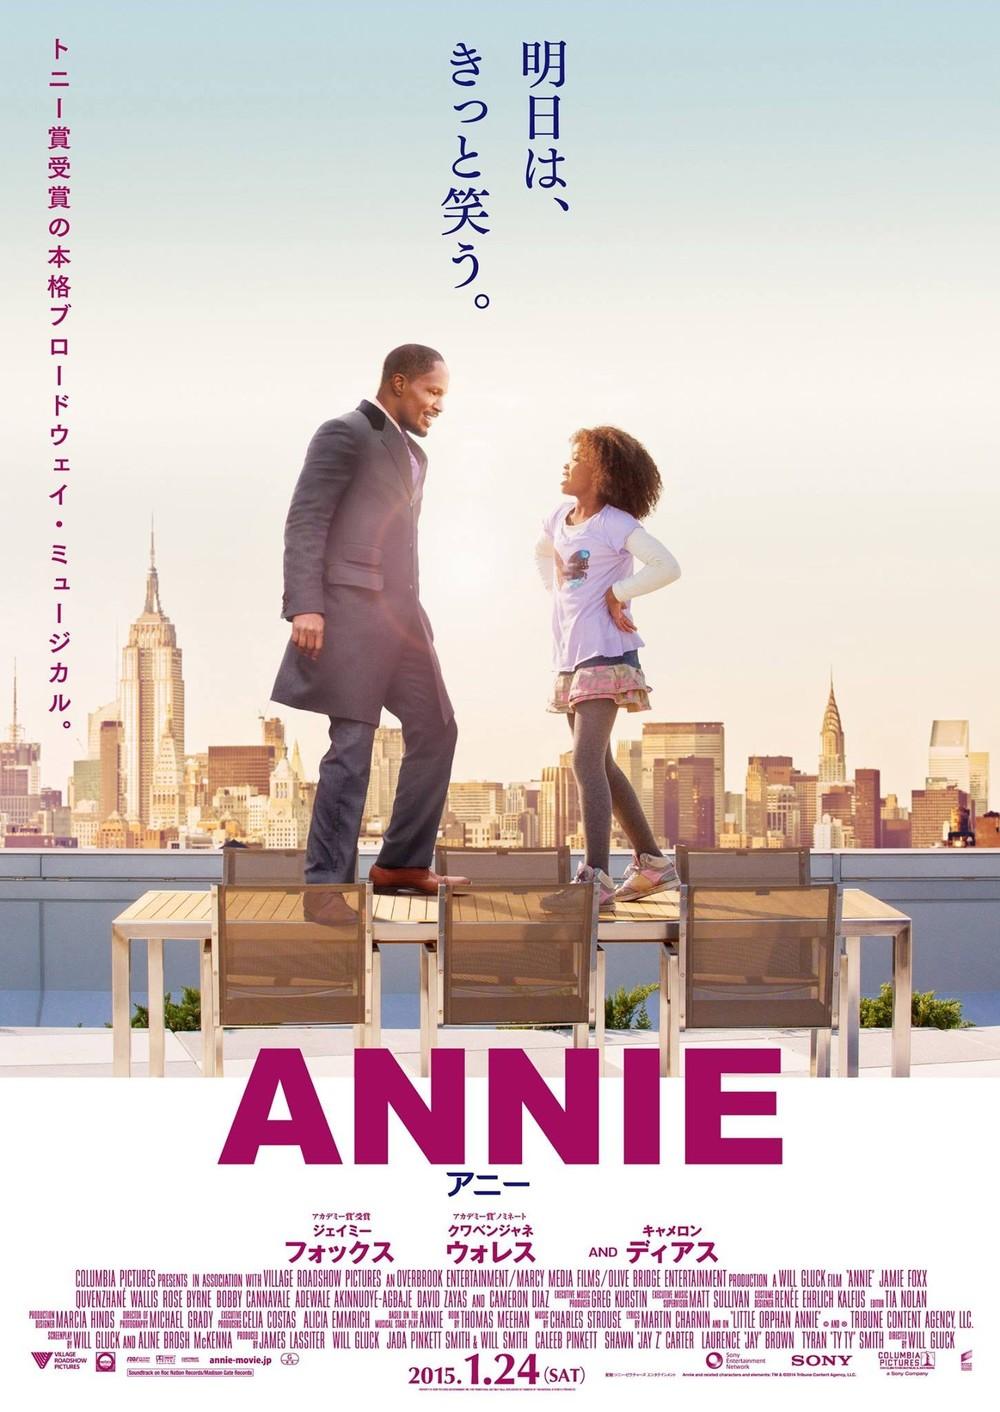 Annie dvd release date in Australia